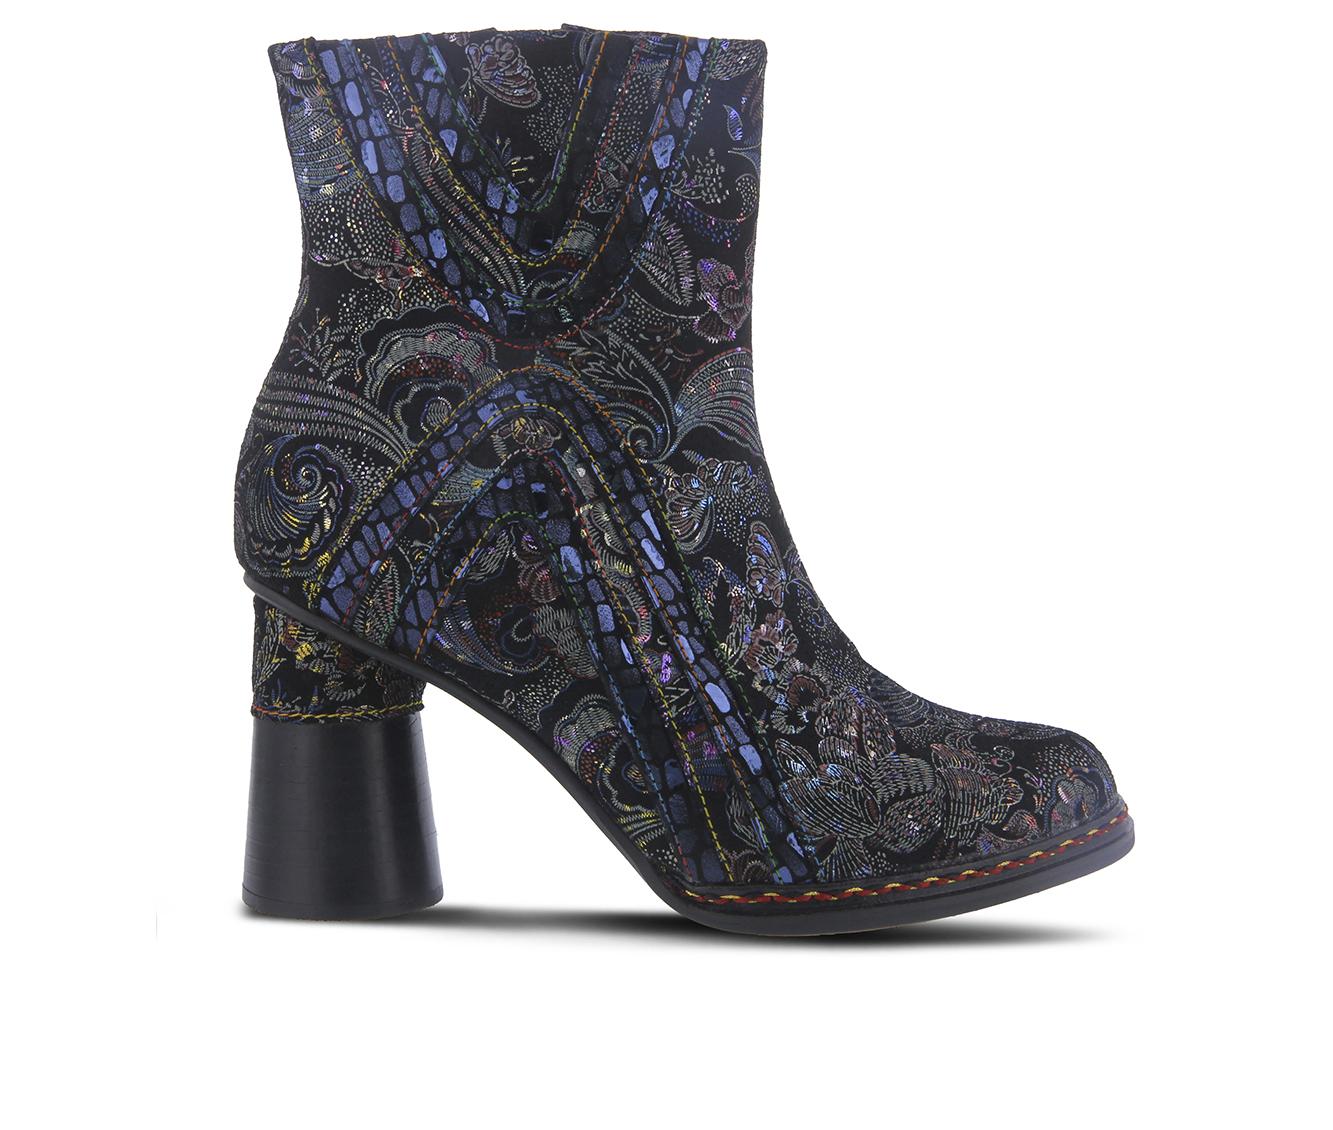 L'Artiste Sopretti Women's Boots (Black Leather)